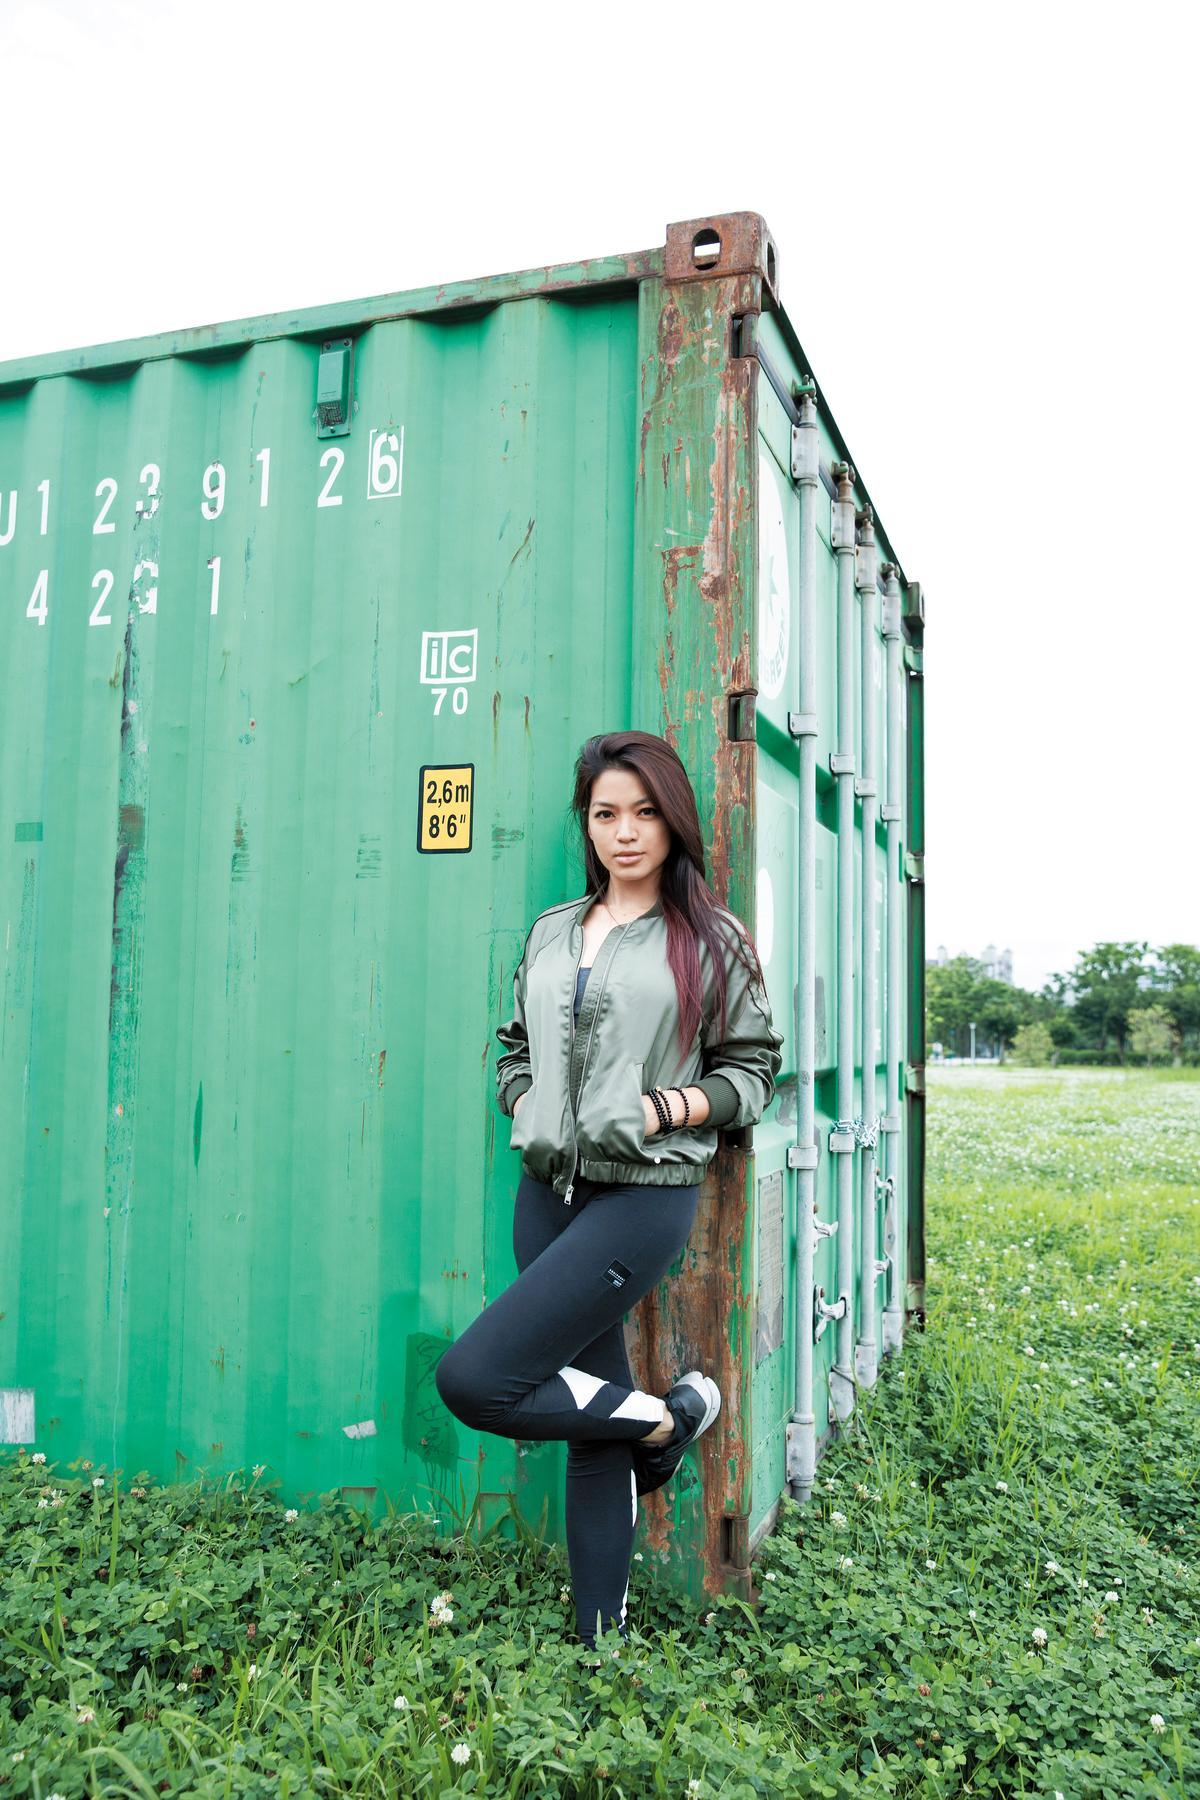 Abercrombie &Fitch軍綠色運動夾克,約NT$4,000;ROXY運動Bra,約NT$1,800;adidas黑色運動leggings,約NT$2,000;NIKE球鞋,約NT$5,000。